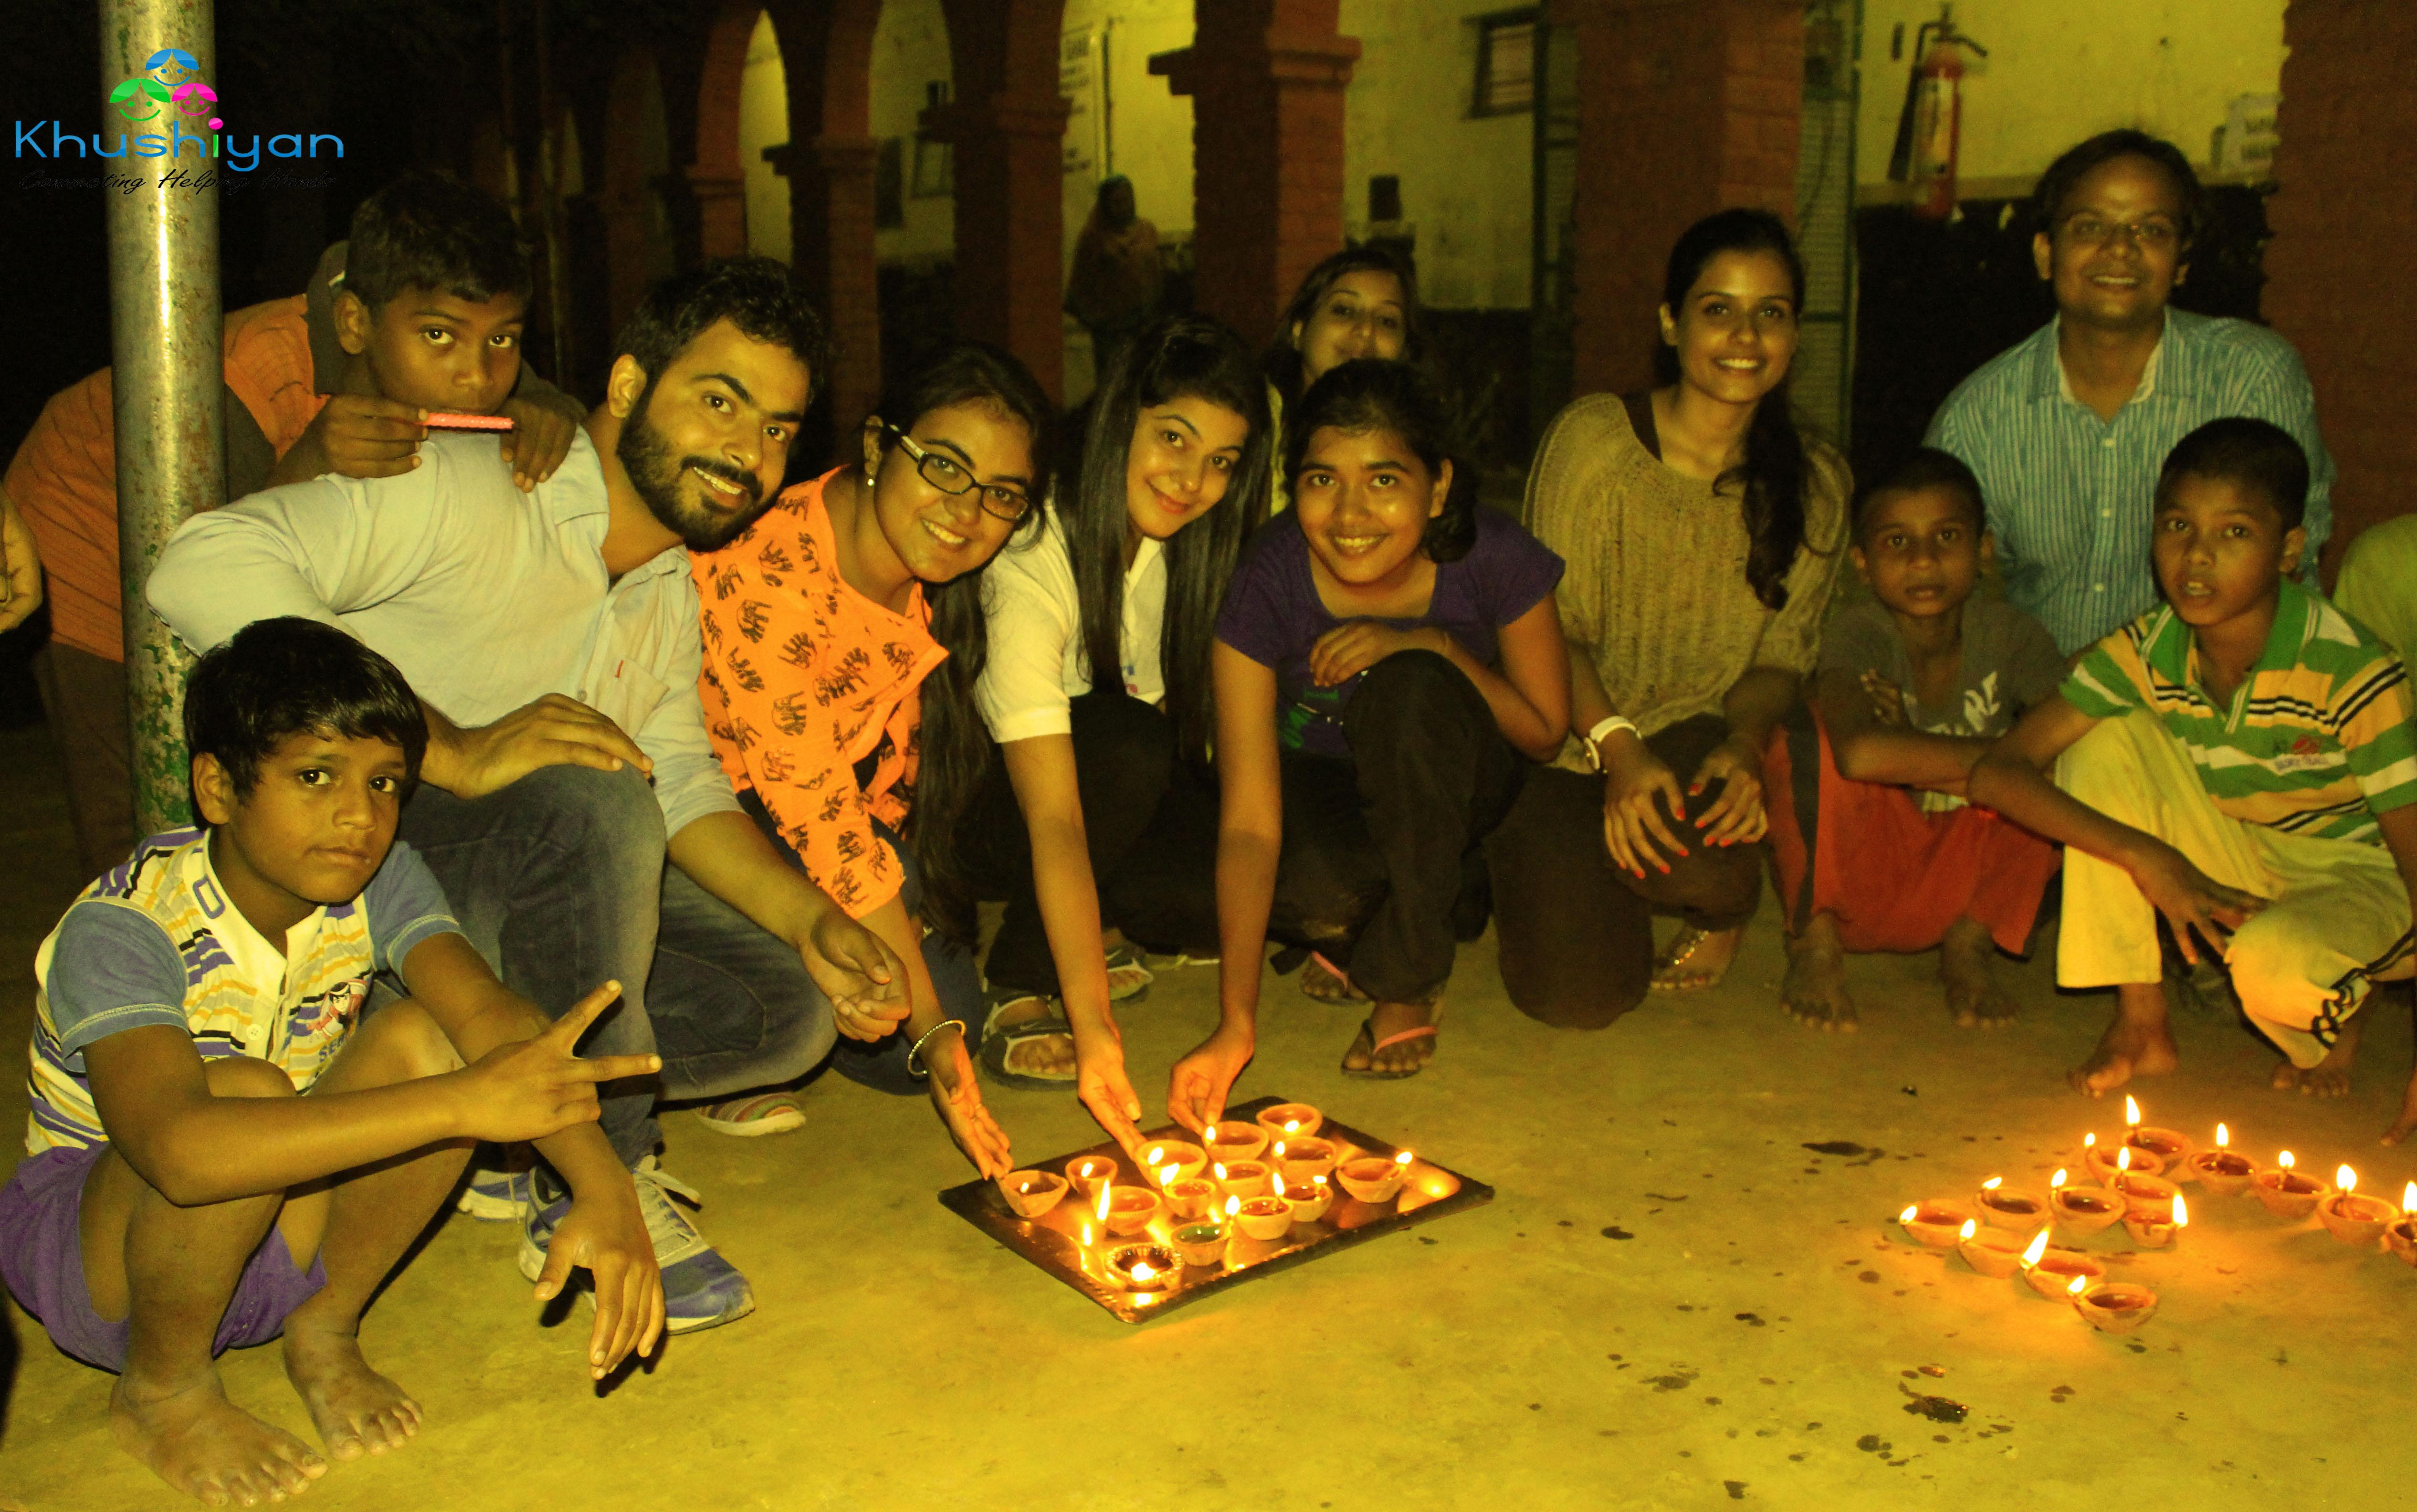 Khushiyan team celebrating diwali with children at ummeed aman ghar